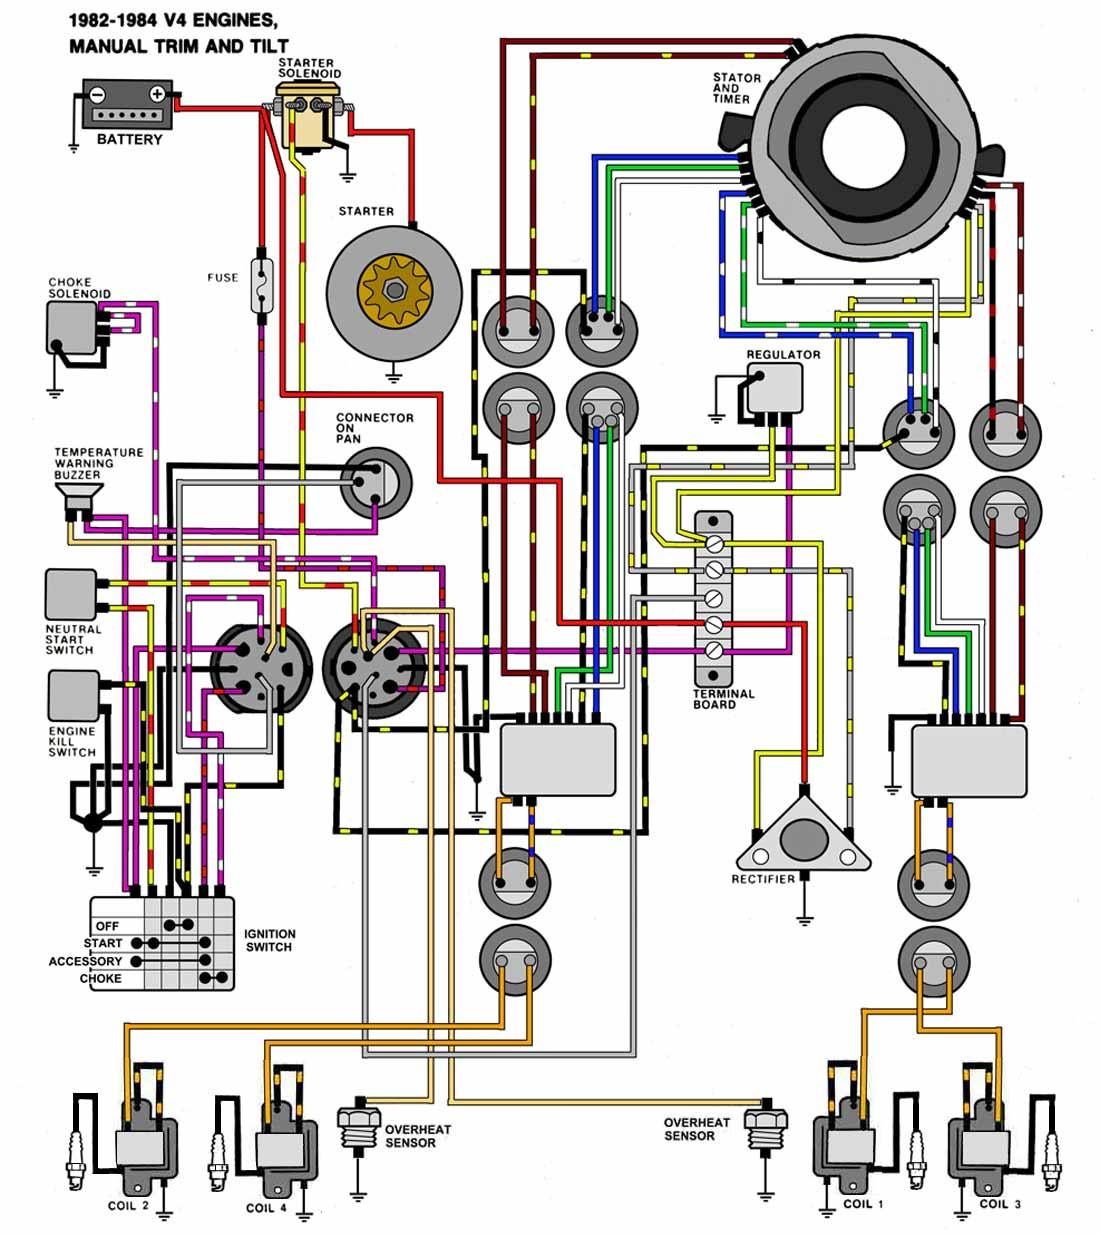 Johnson 90 Wiring Diagram - Wiring Diagrams User